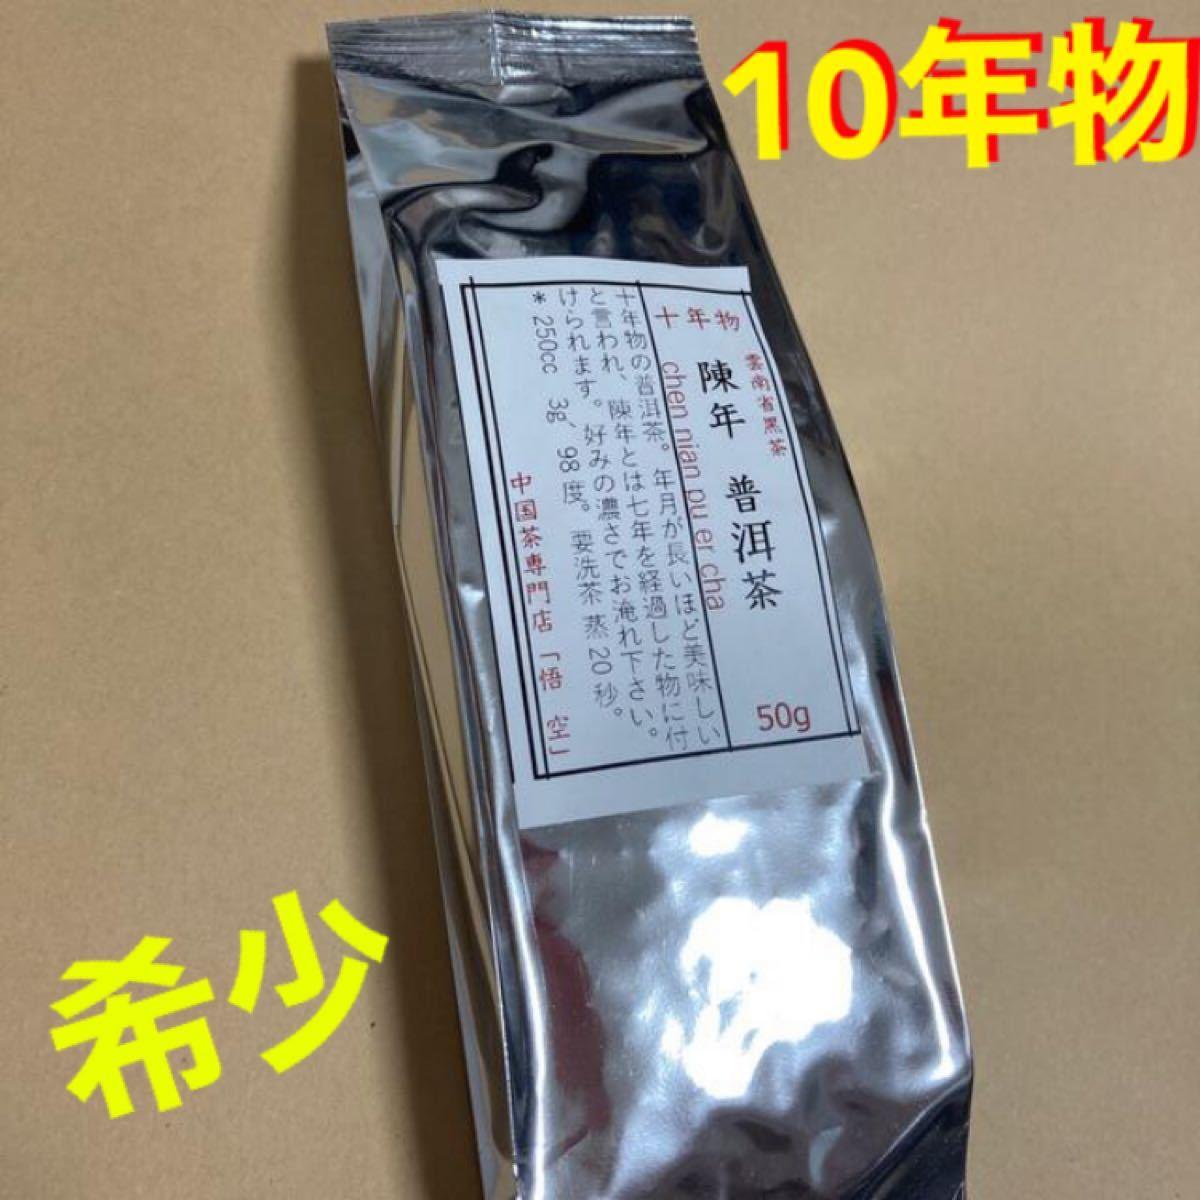 陳年 プーアル茶 プーアール茶  黒茶 中国茶 発酵茶 発酵食品 十年物 マツコ